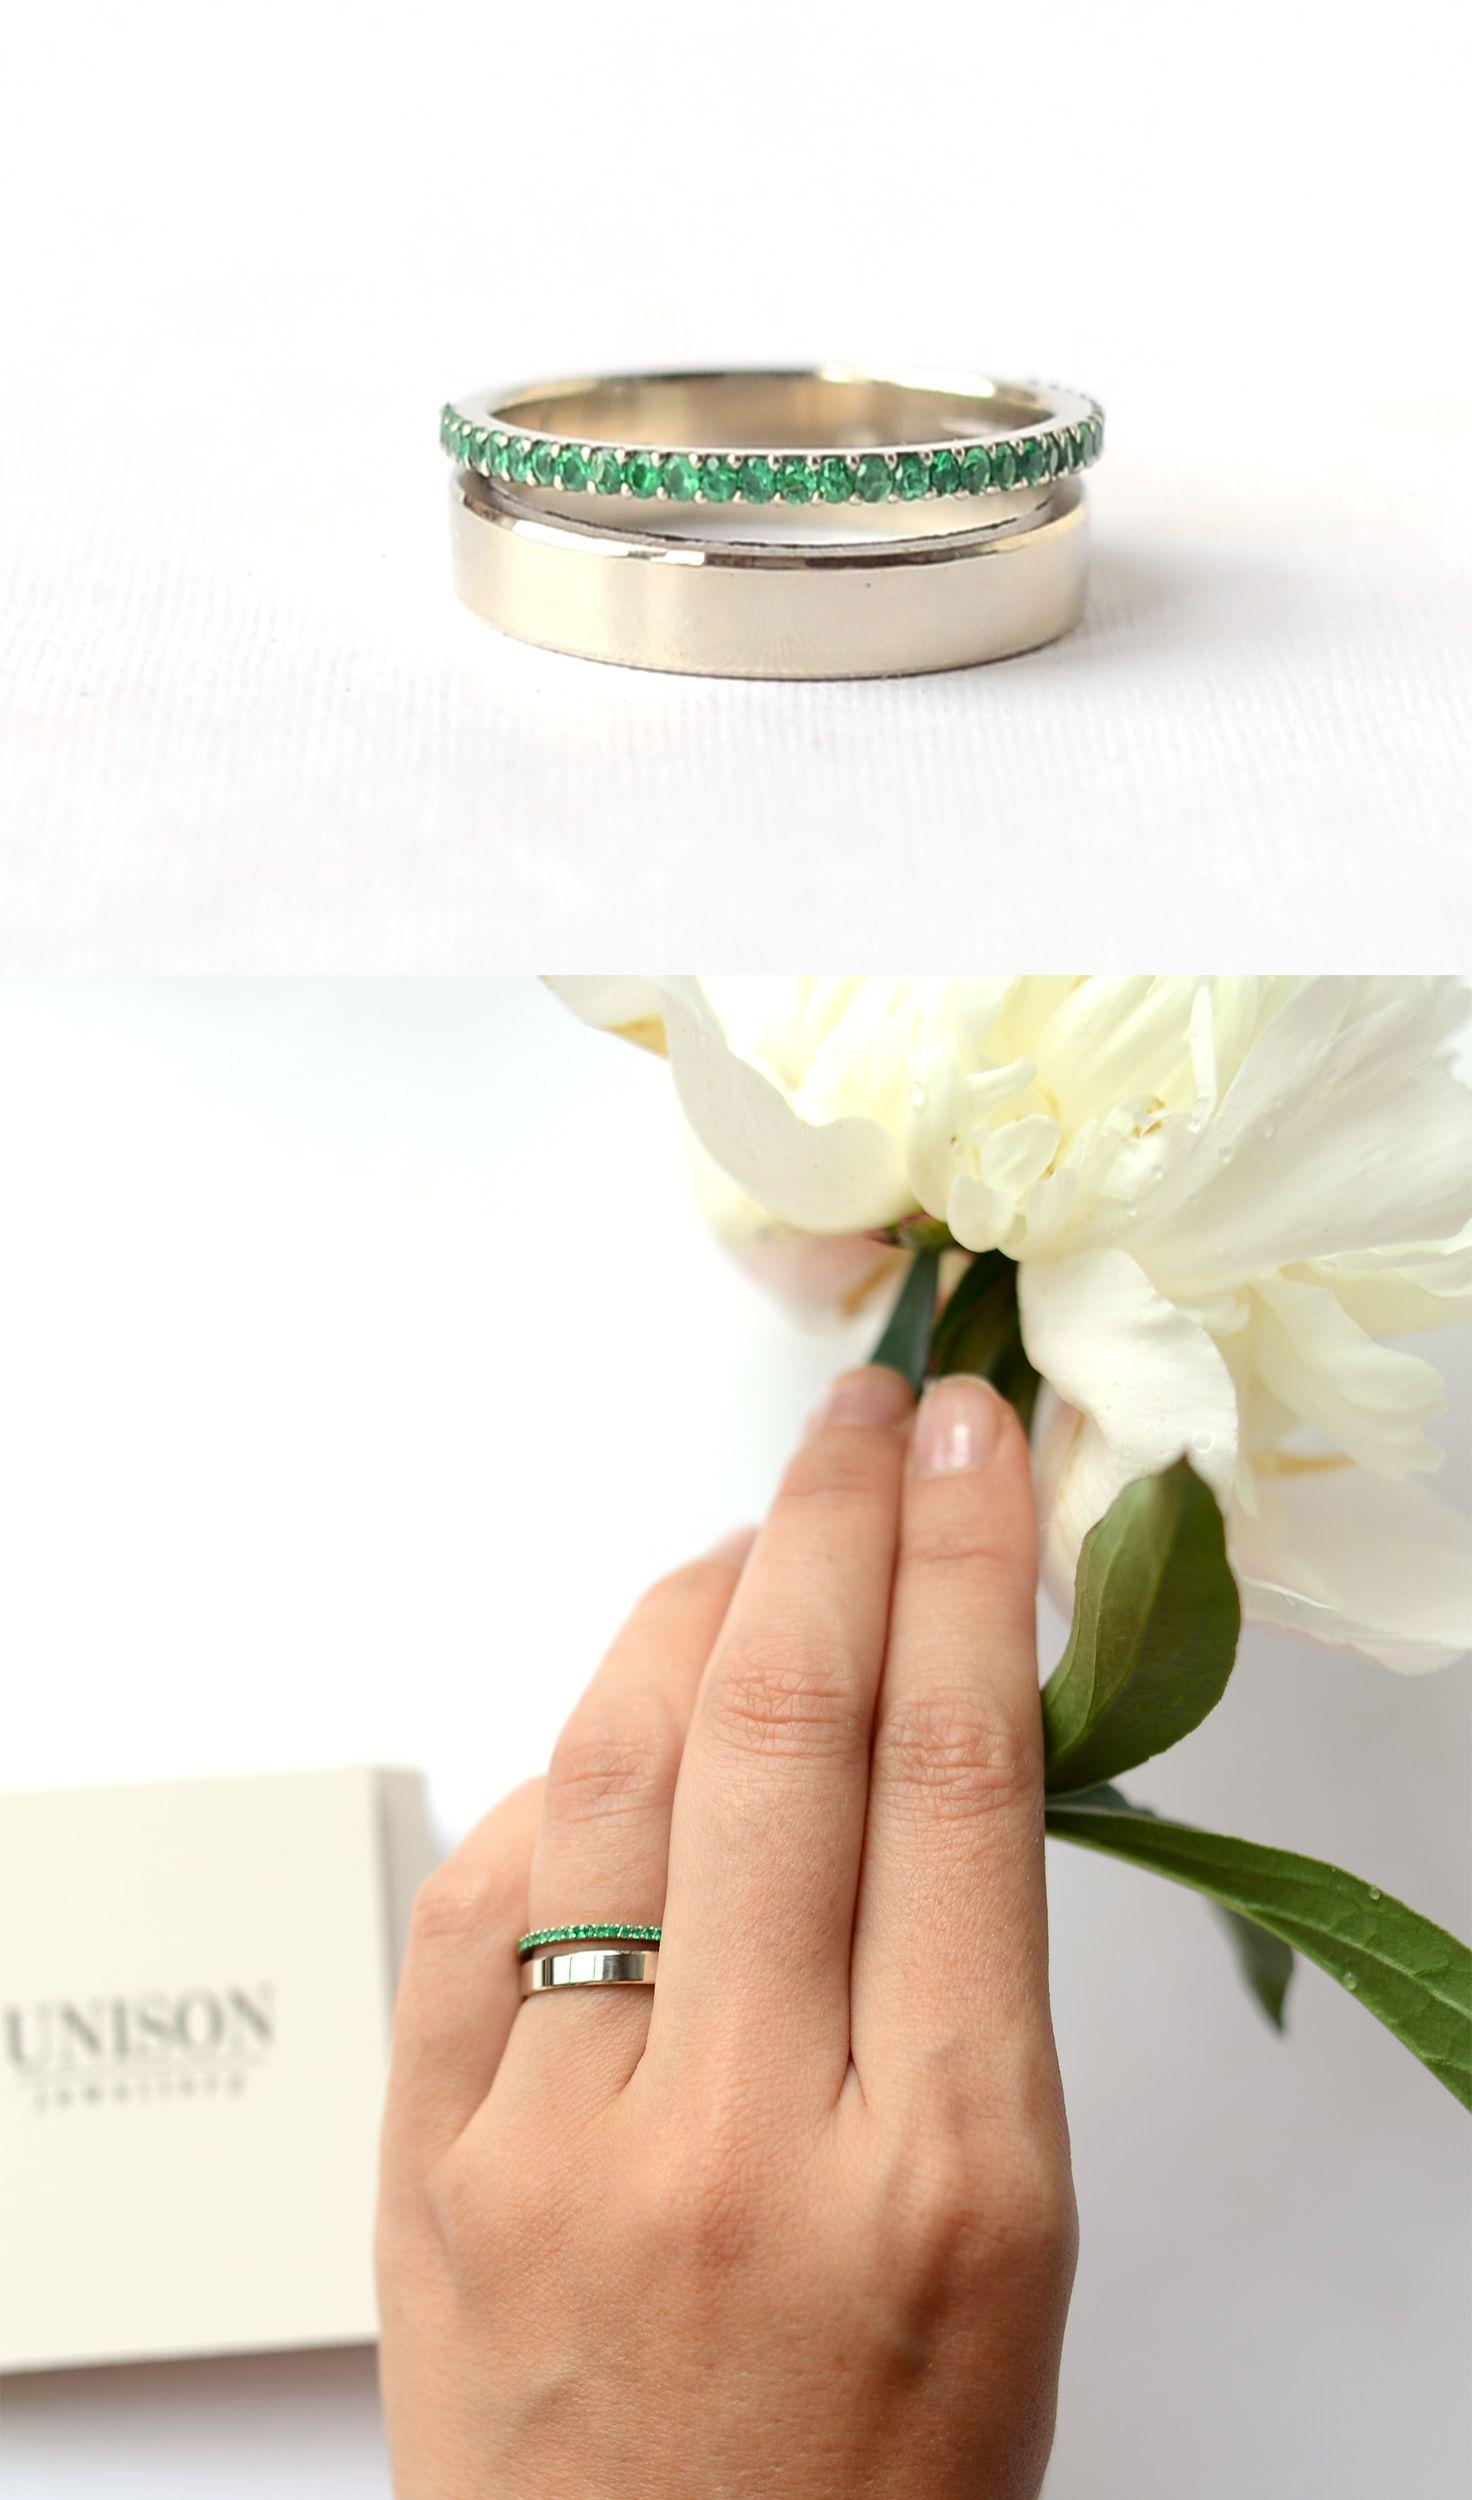 Кольцо с изумрудами из белого золота на заказ. Чудесное нежное воздушное колечко. 33 шт изумрудов. Можно поставить любые другие камни. Кольцо для неё. /Ring for her /girlfriends